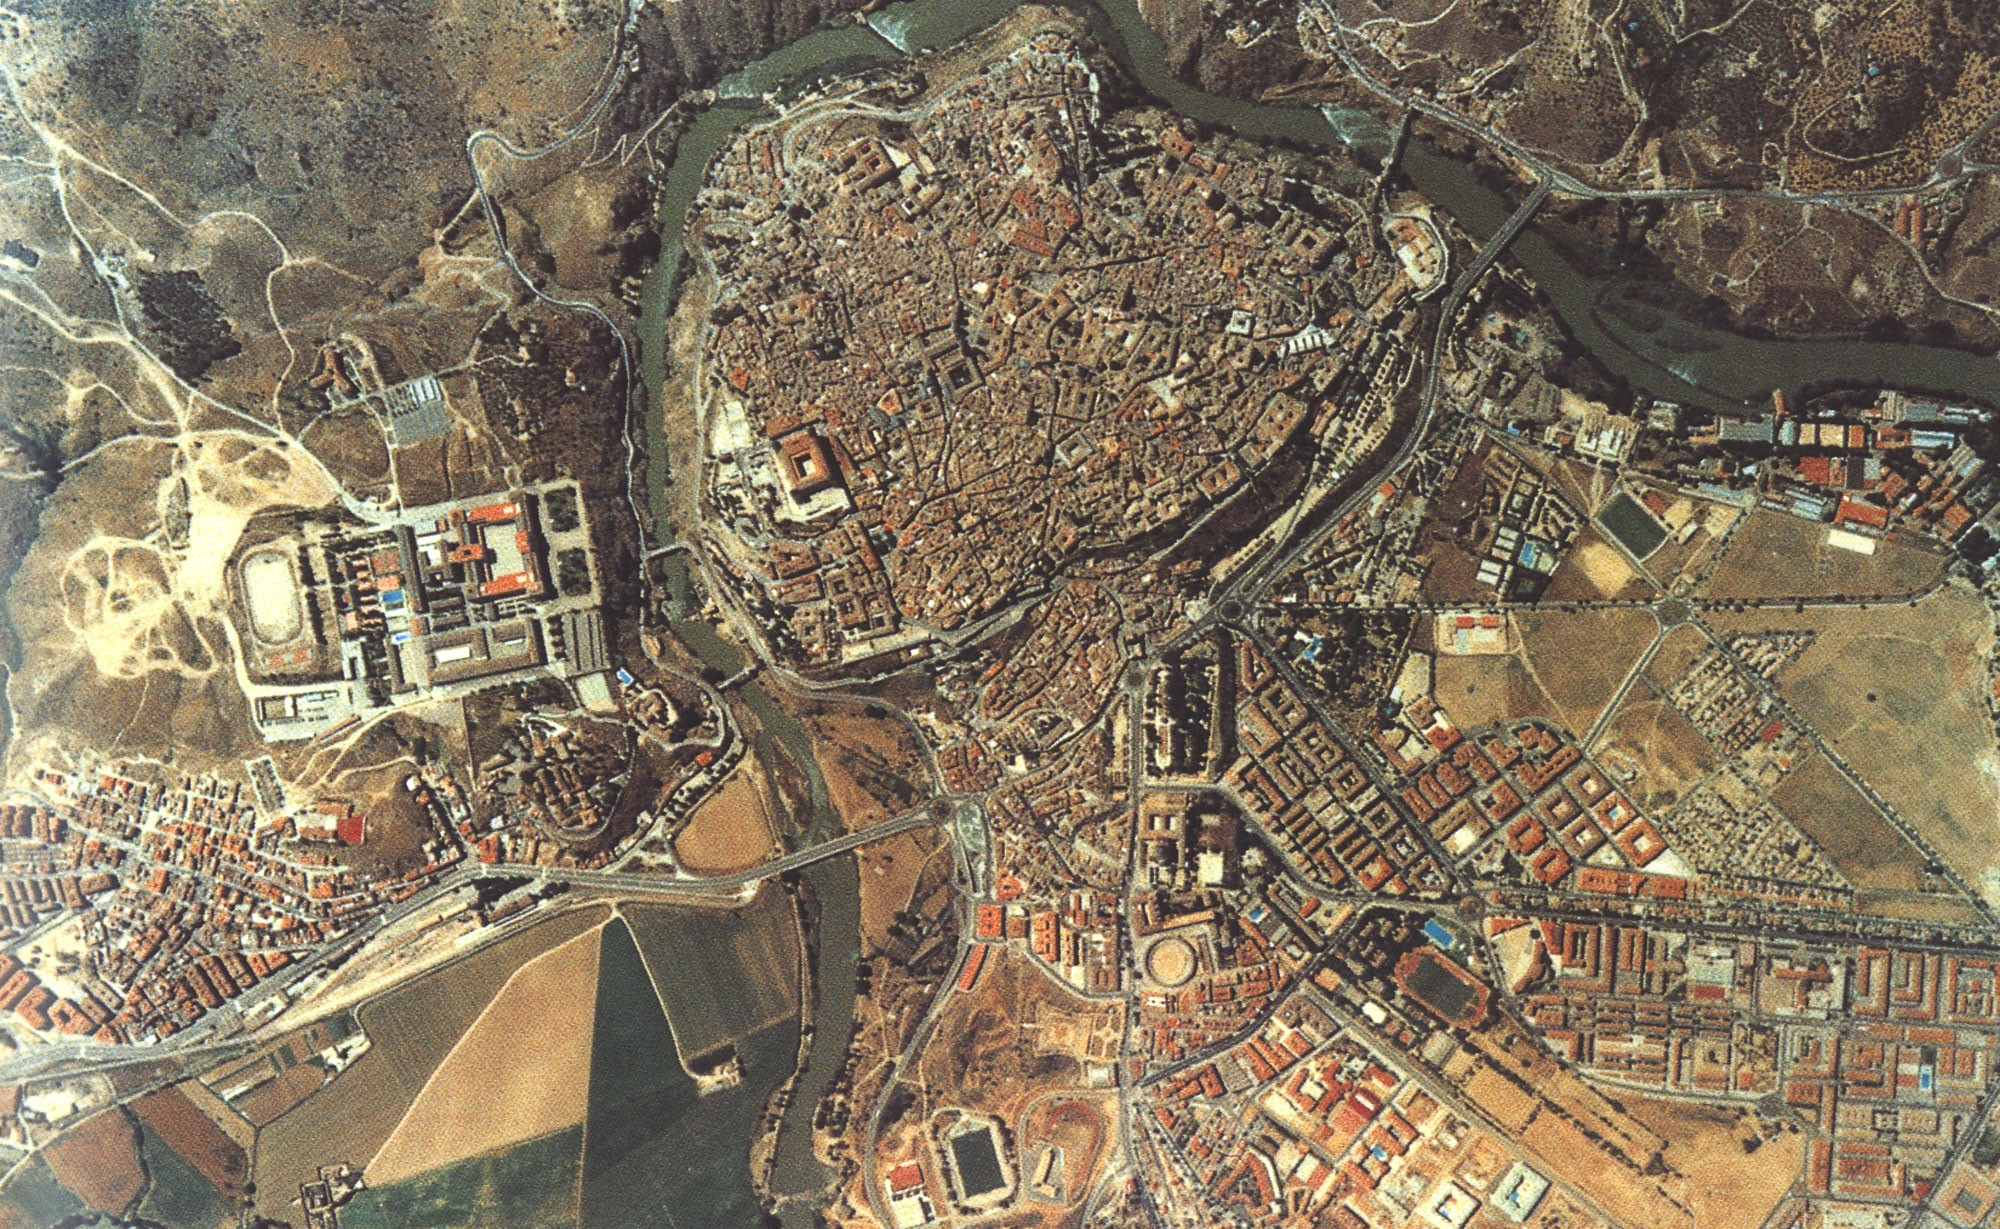 Fotograf a a rea de toledo tama o completo - Fotografia aerea malaga ...